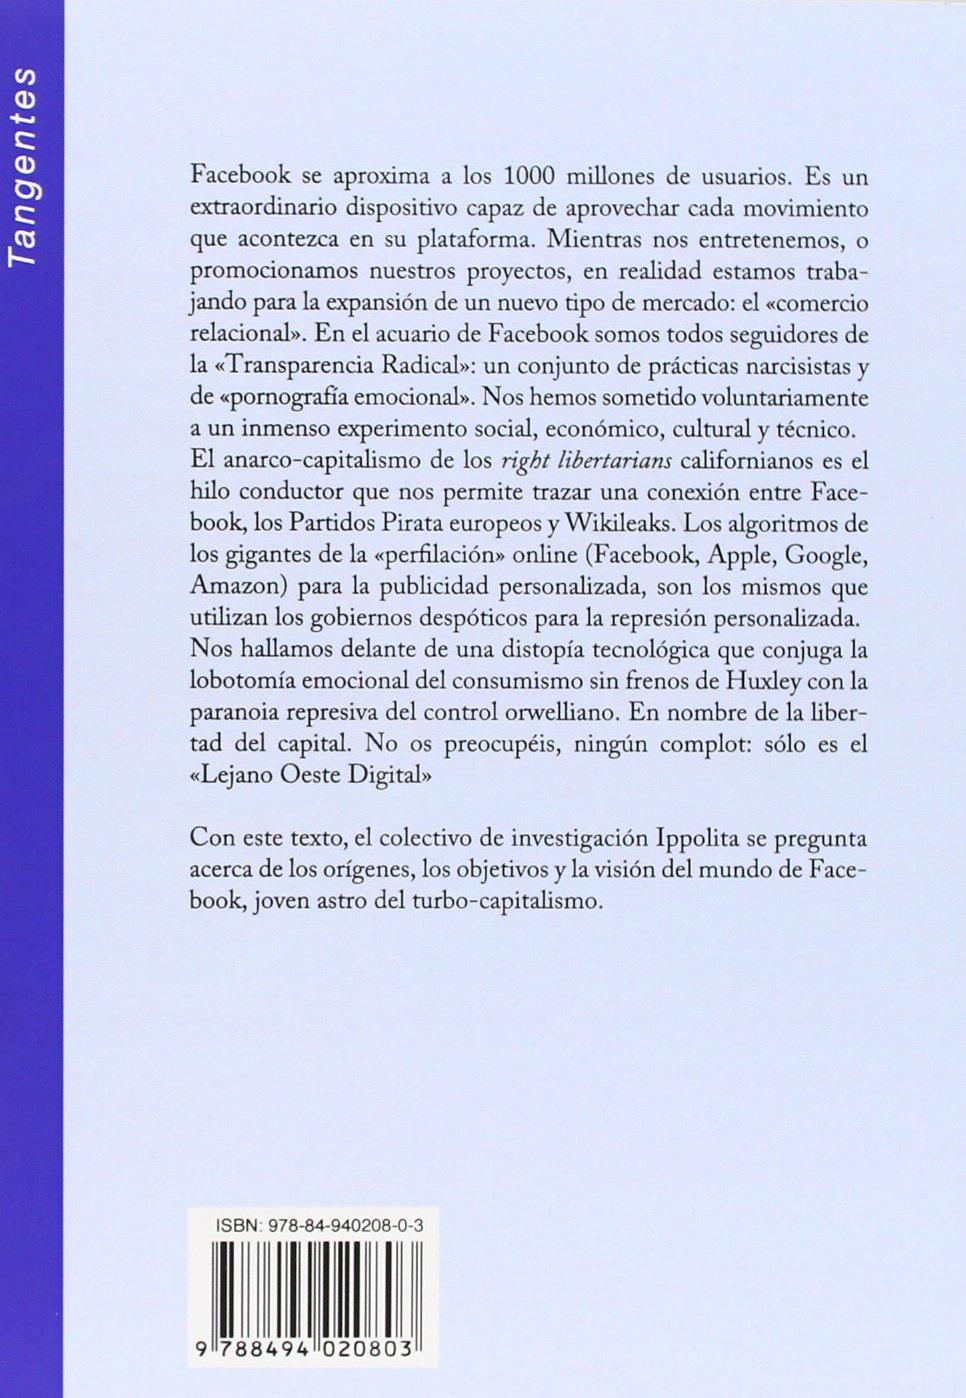 En el acuario de Facebook : el resistible ascenso del anarco-capitalismo: Ippolita DAyala-Valva: 9788494020803: Amazon.com: Books